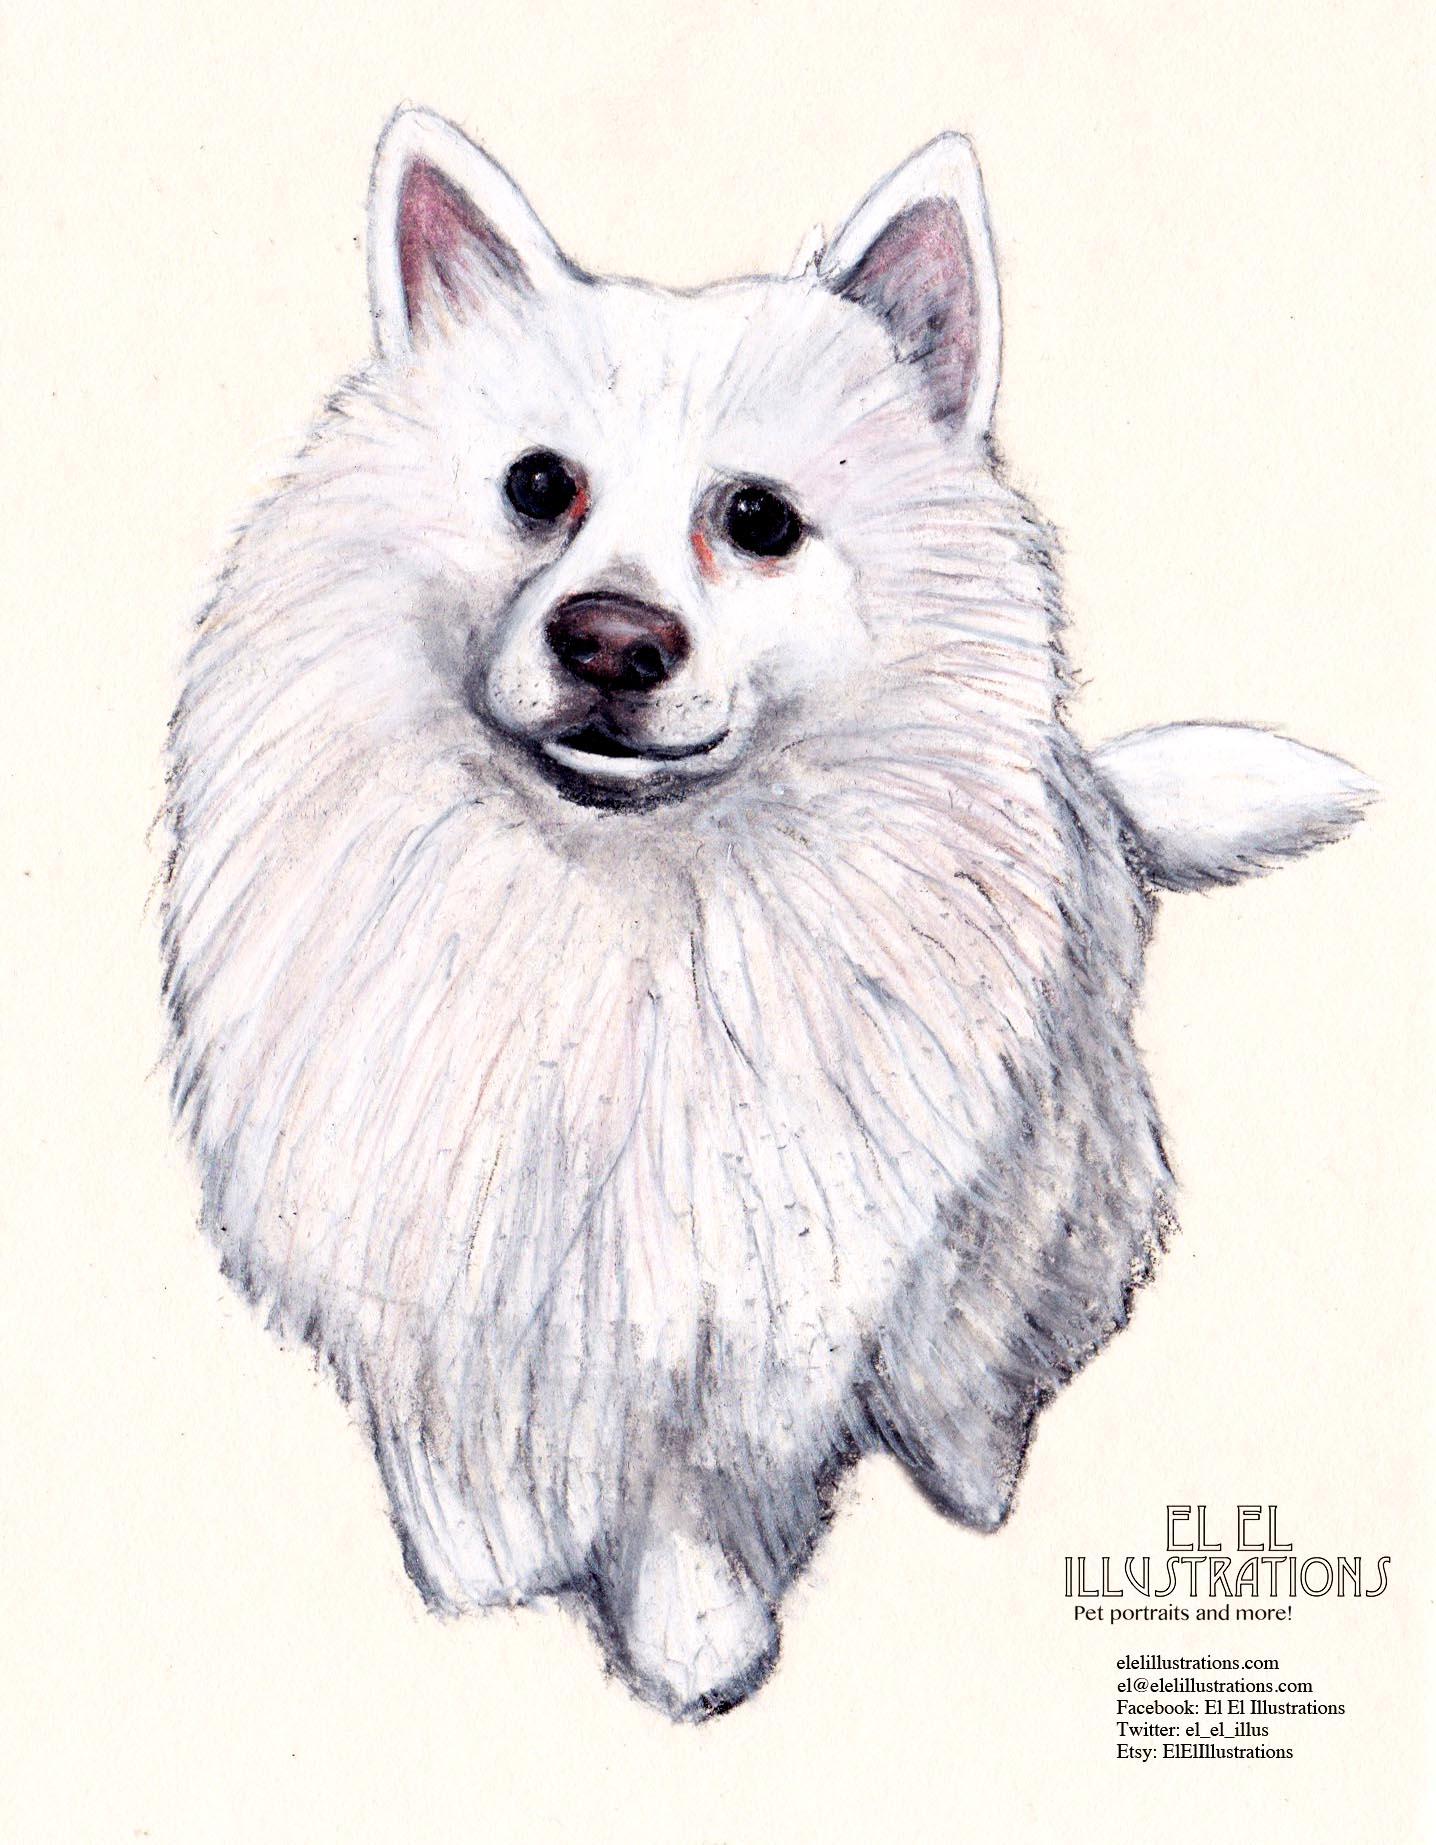 pocky_dog_wm.jpg